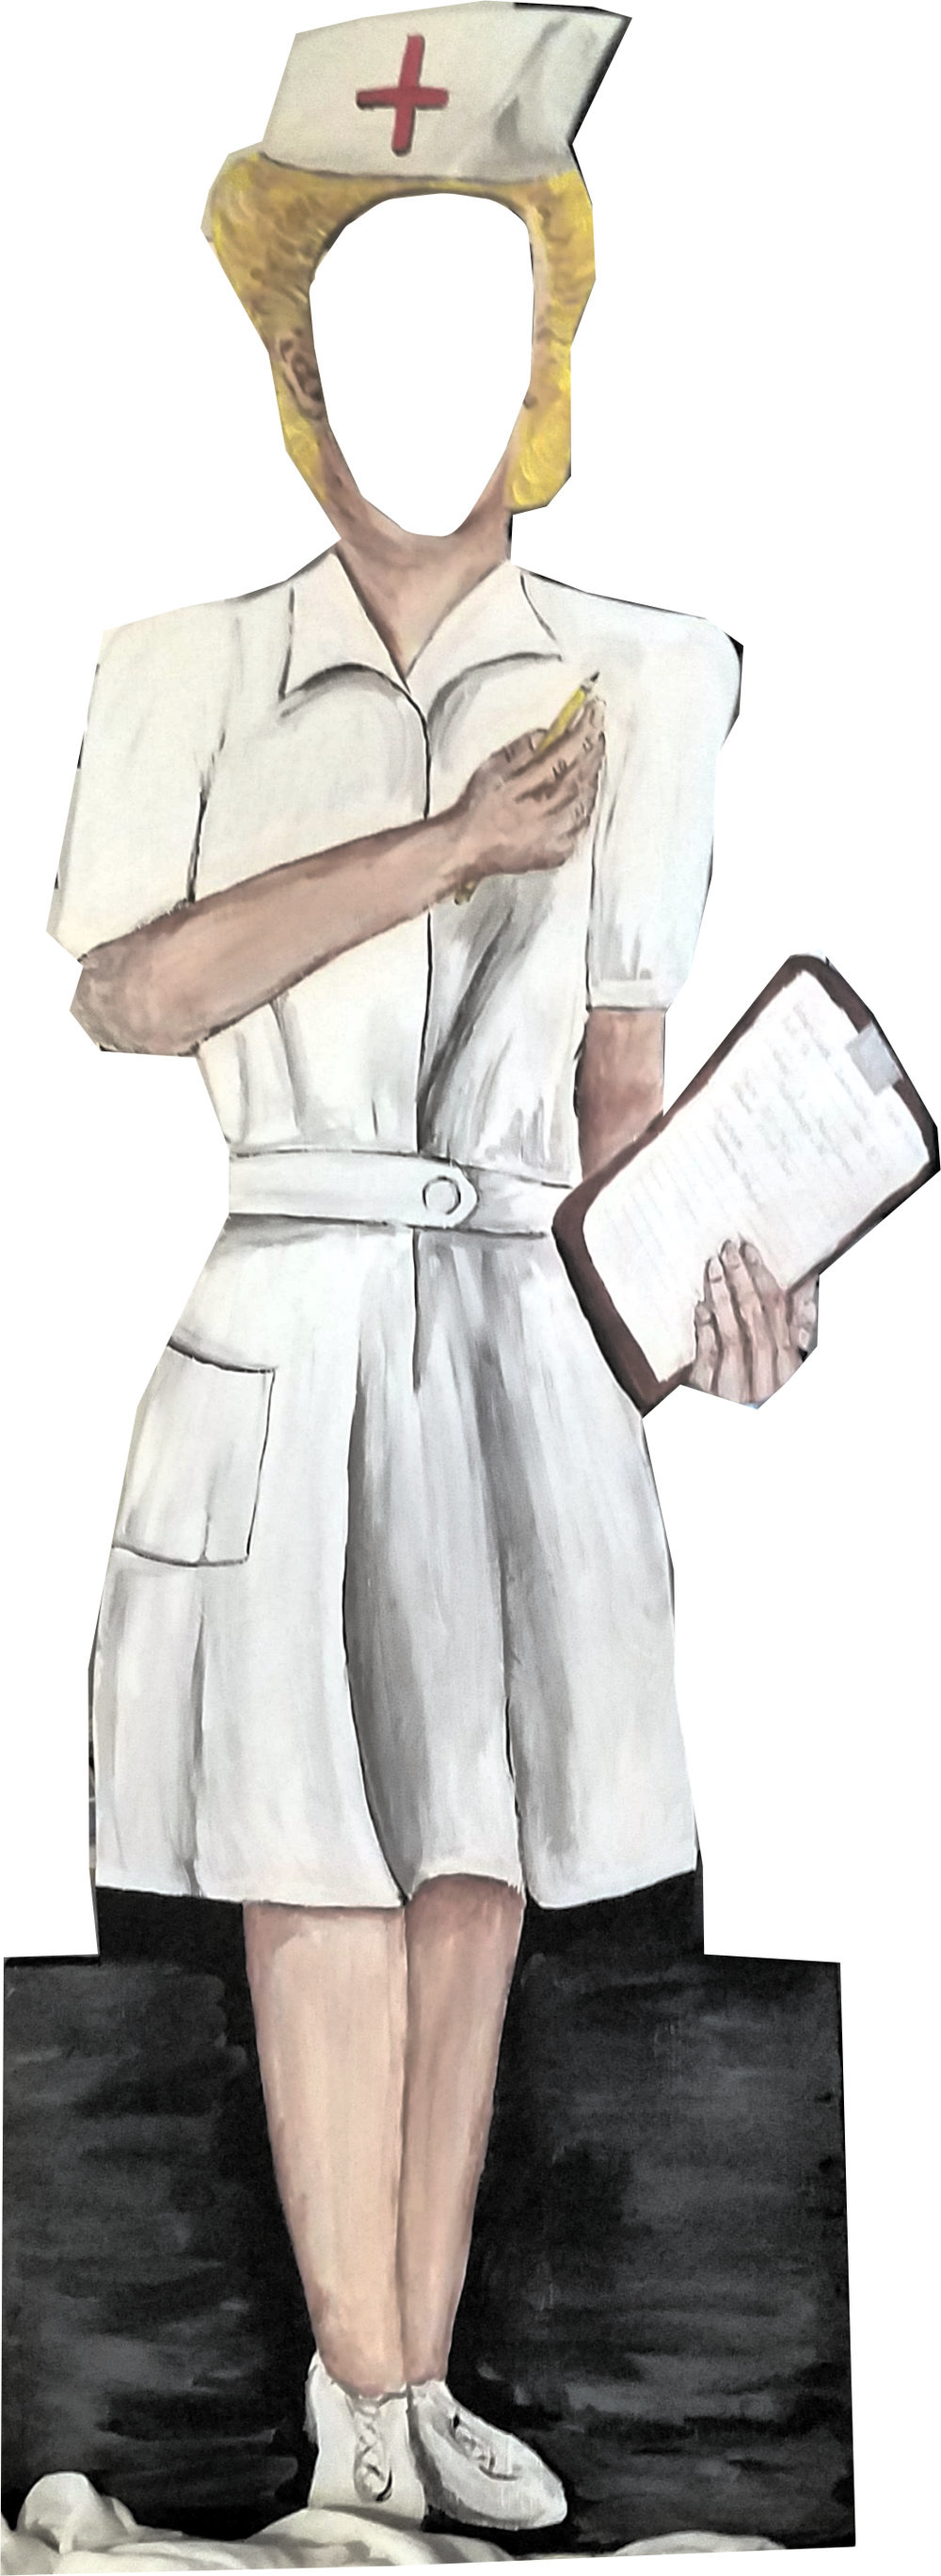 1950's style Nurse